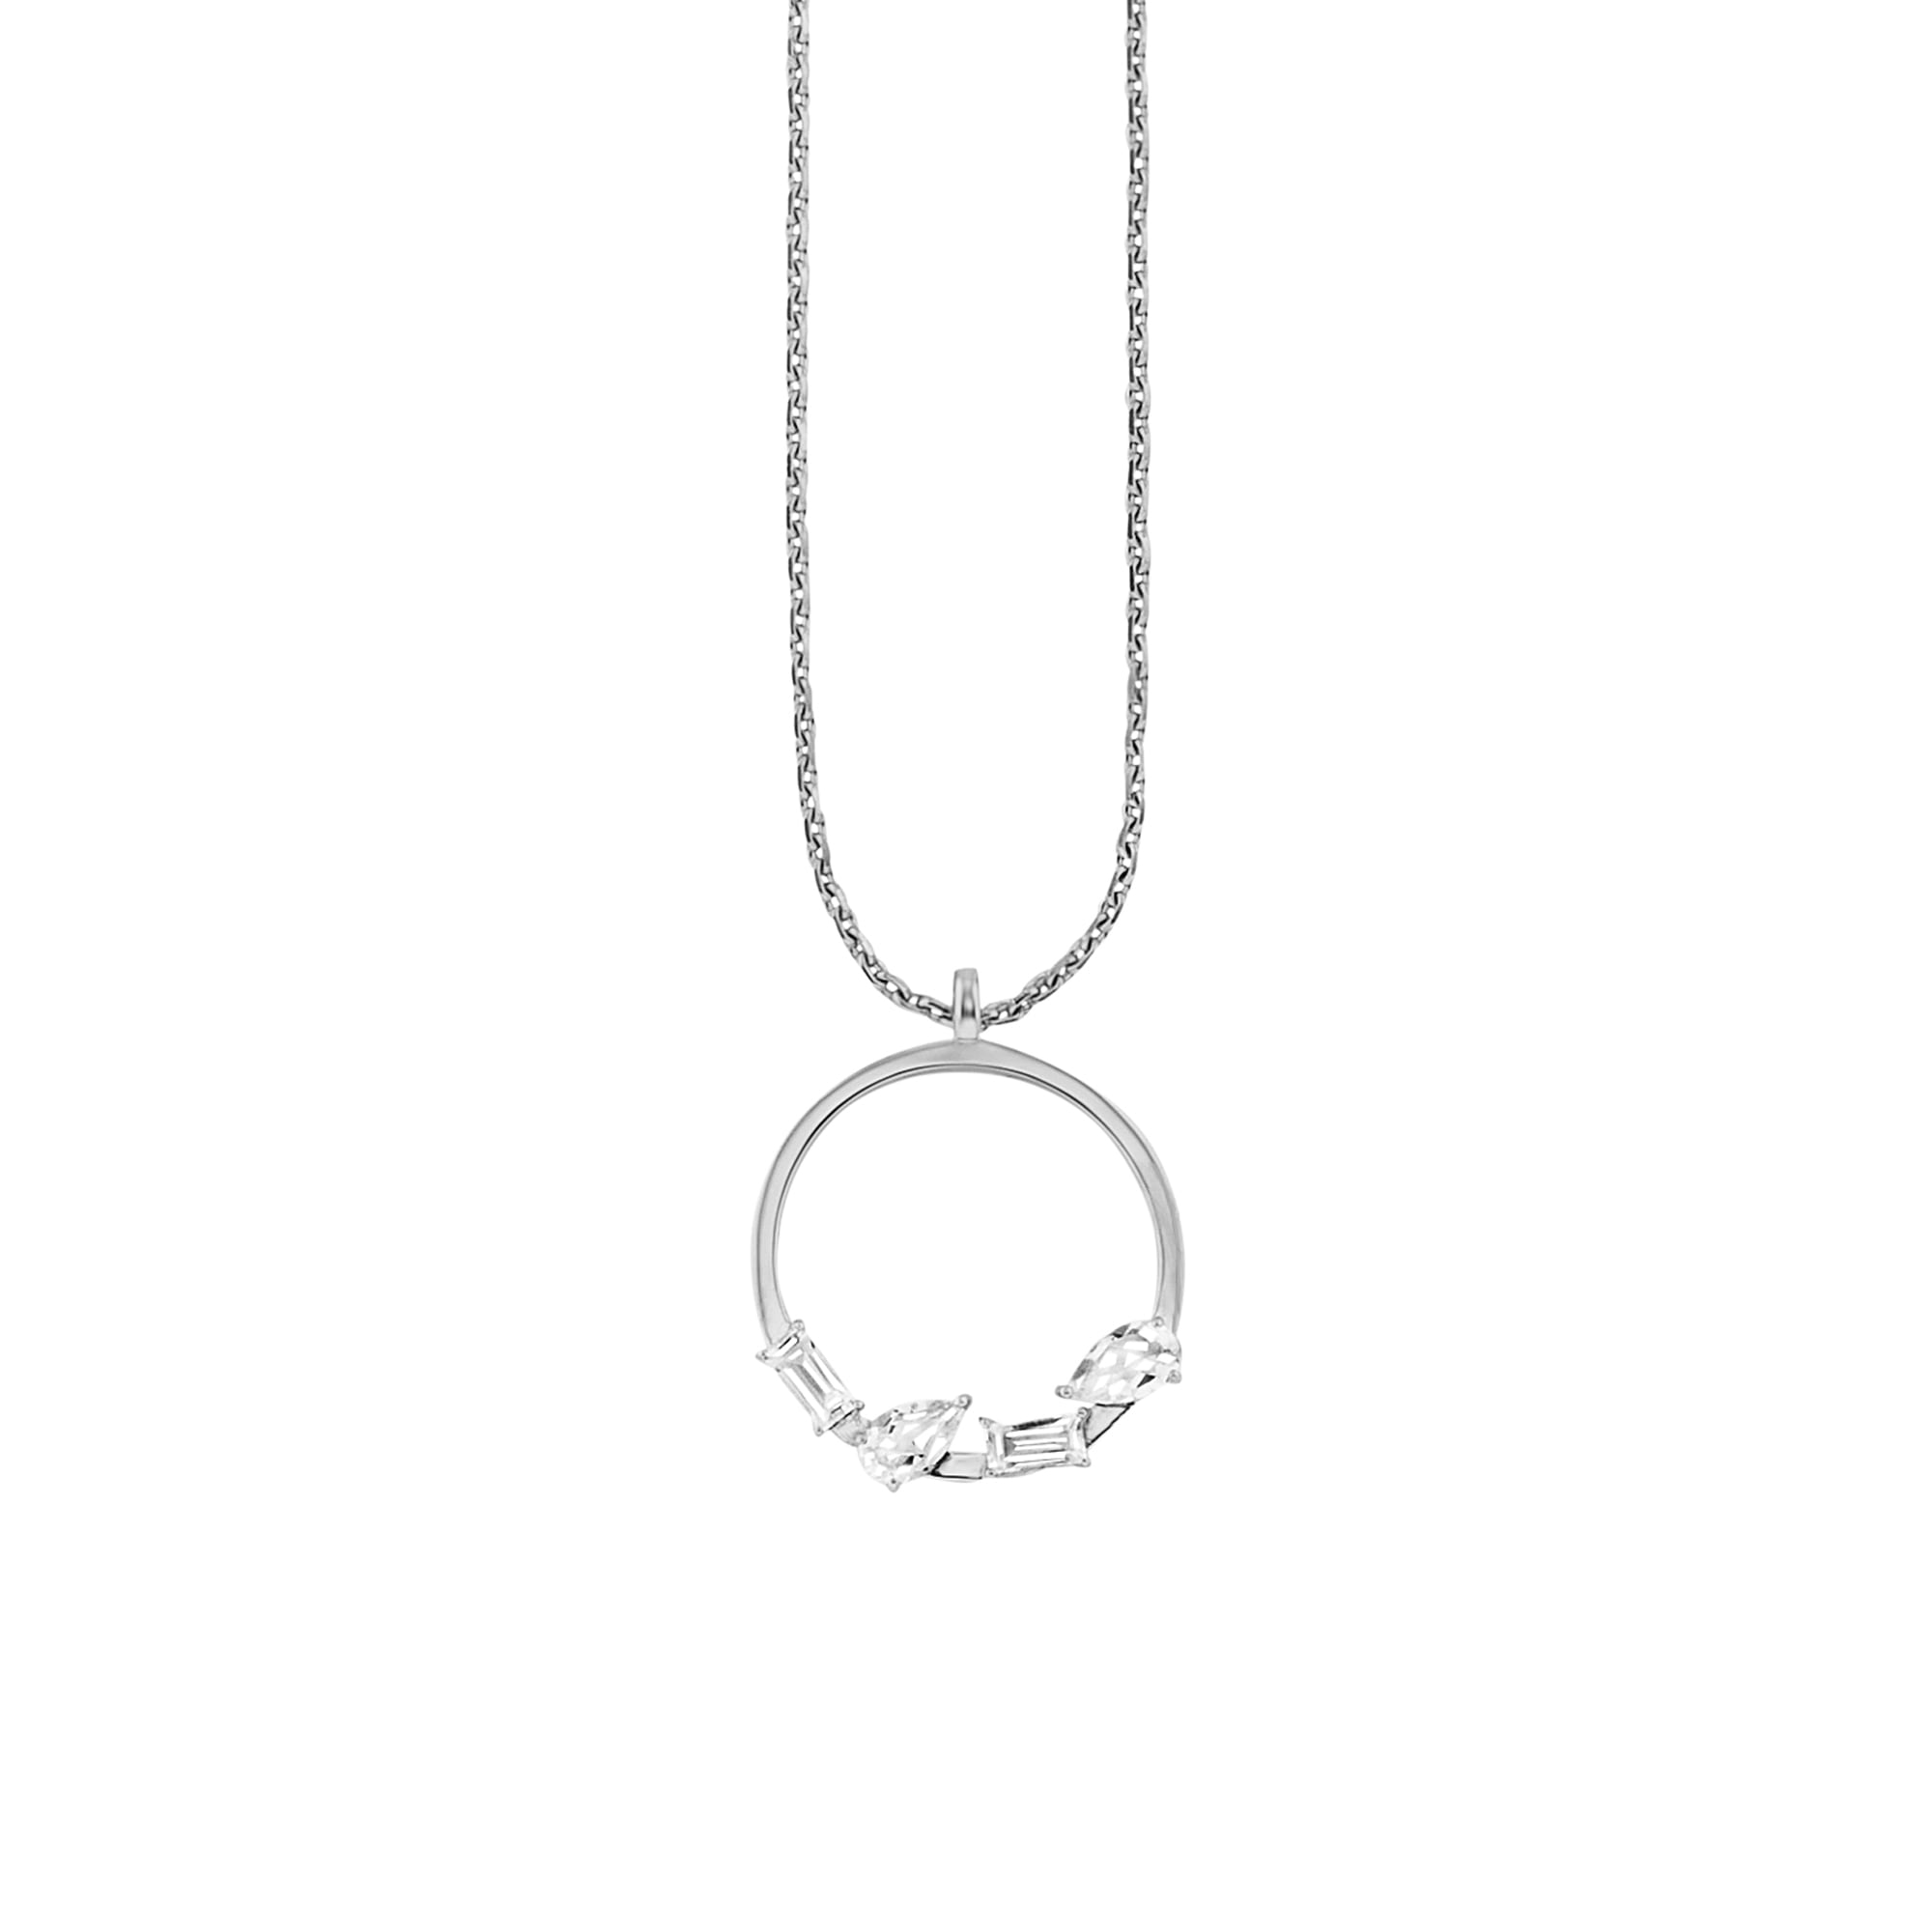 Cai Halskette 925/- Sterling Silber rhodiniert Weißtopas | Schmuck > Halsketten > Lange Ketten | Weiß | Metall | Cai